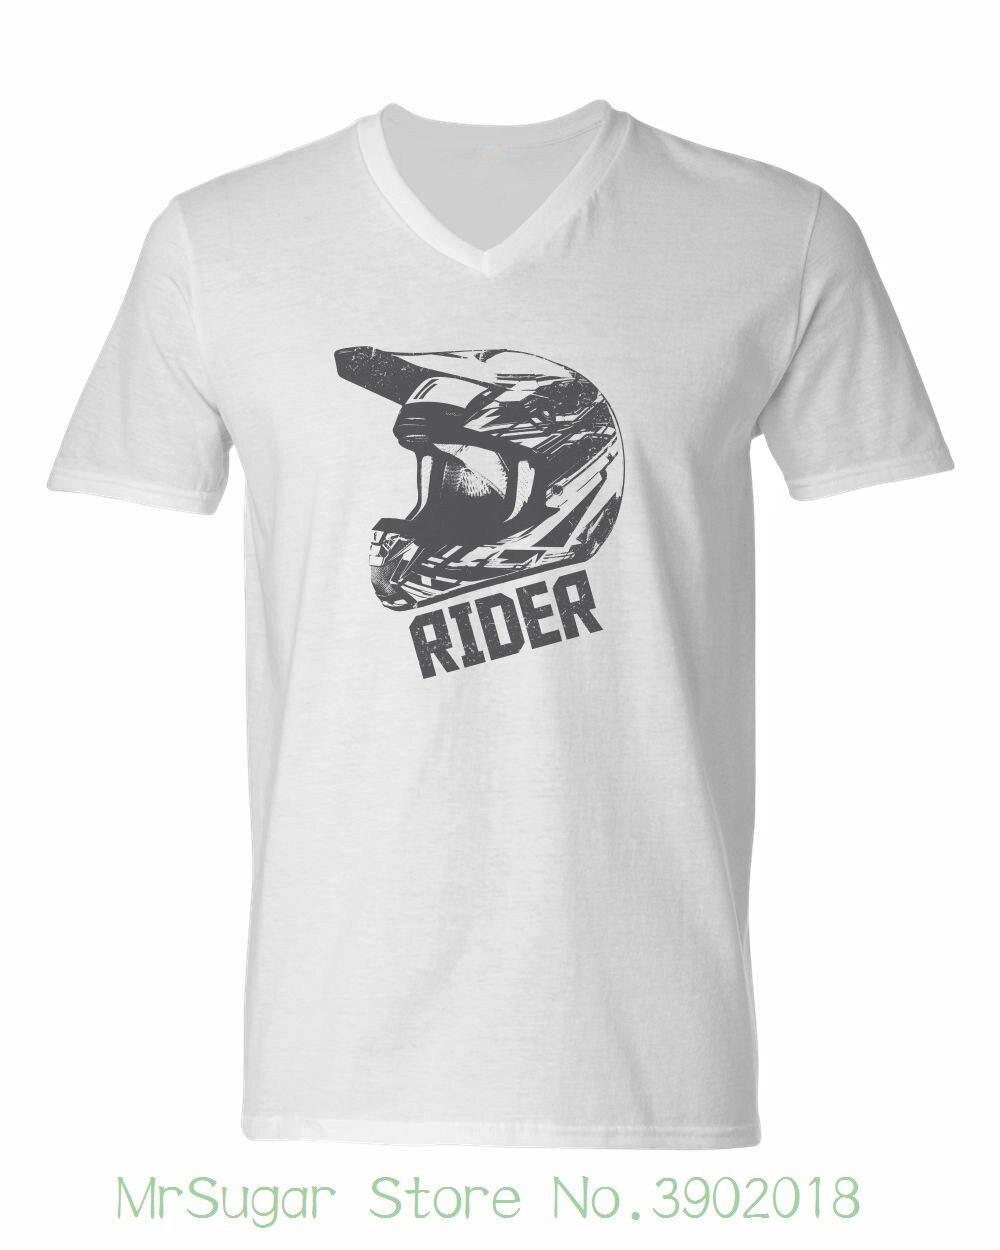 New Rider T-shirt Dirt Biker Helmet Racer Downhill Motocross Gear Biker Atv Moto New 2018 Cotton Short-sleeve T-shirt